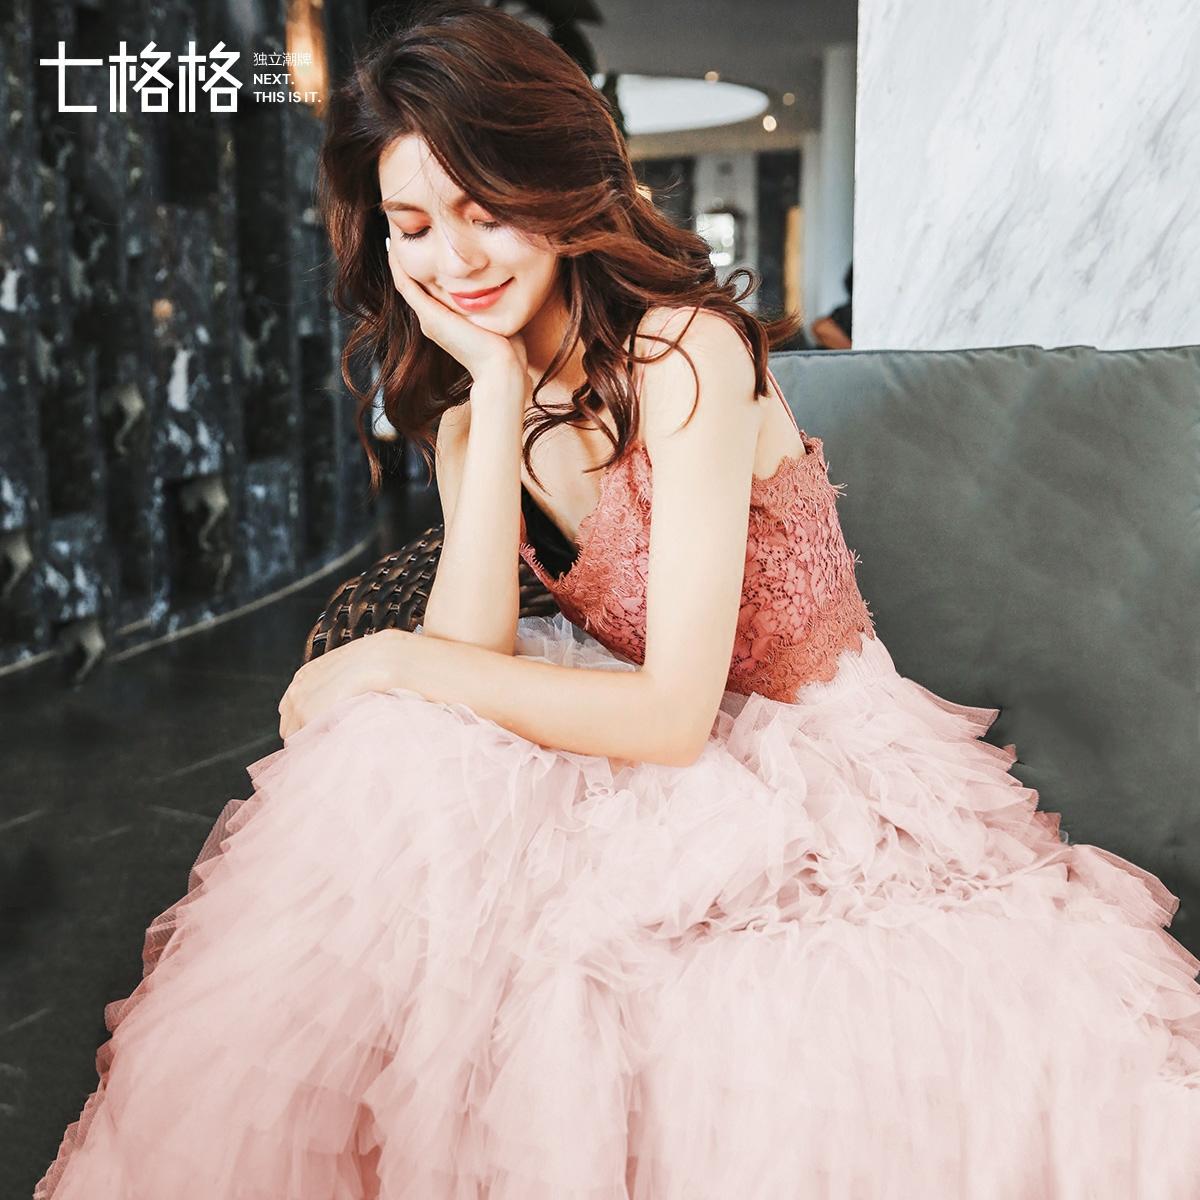 俏皮港风夏季2018新款女时髦套装春装休闲时尚bf温柔风两件套裙潮